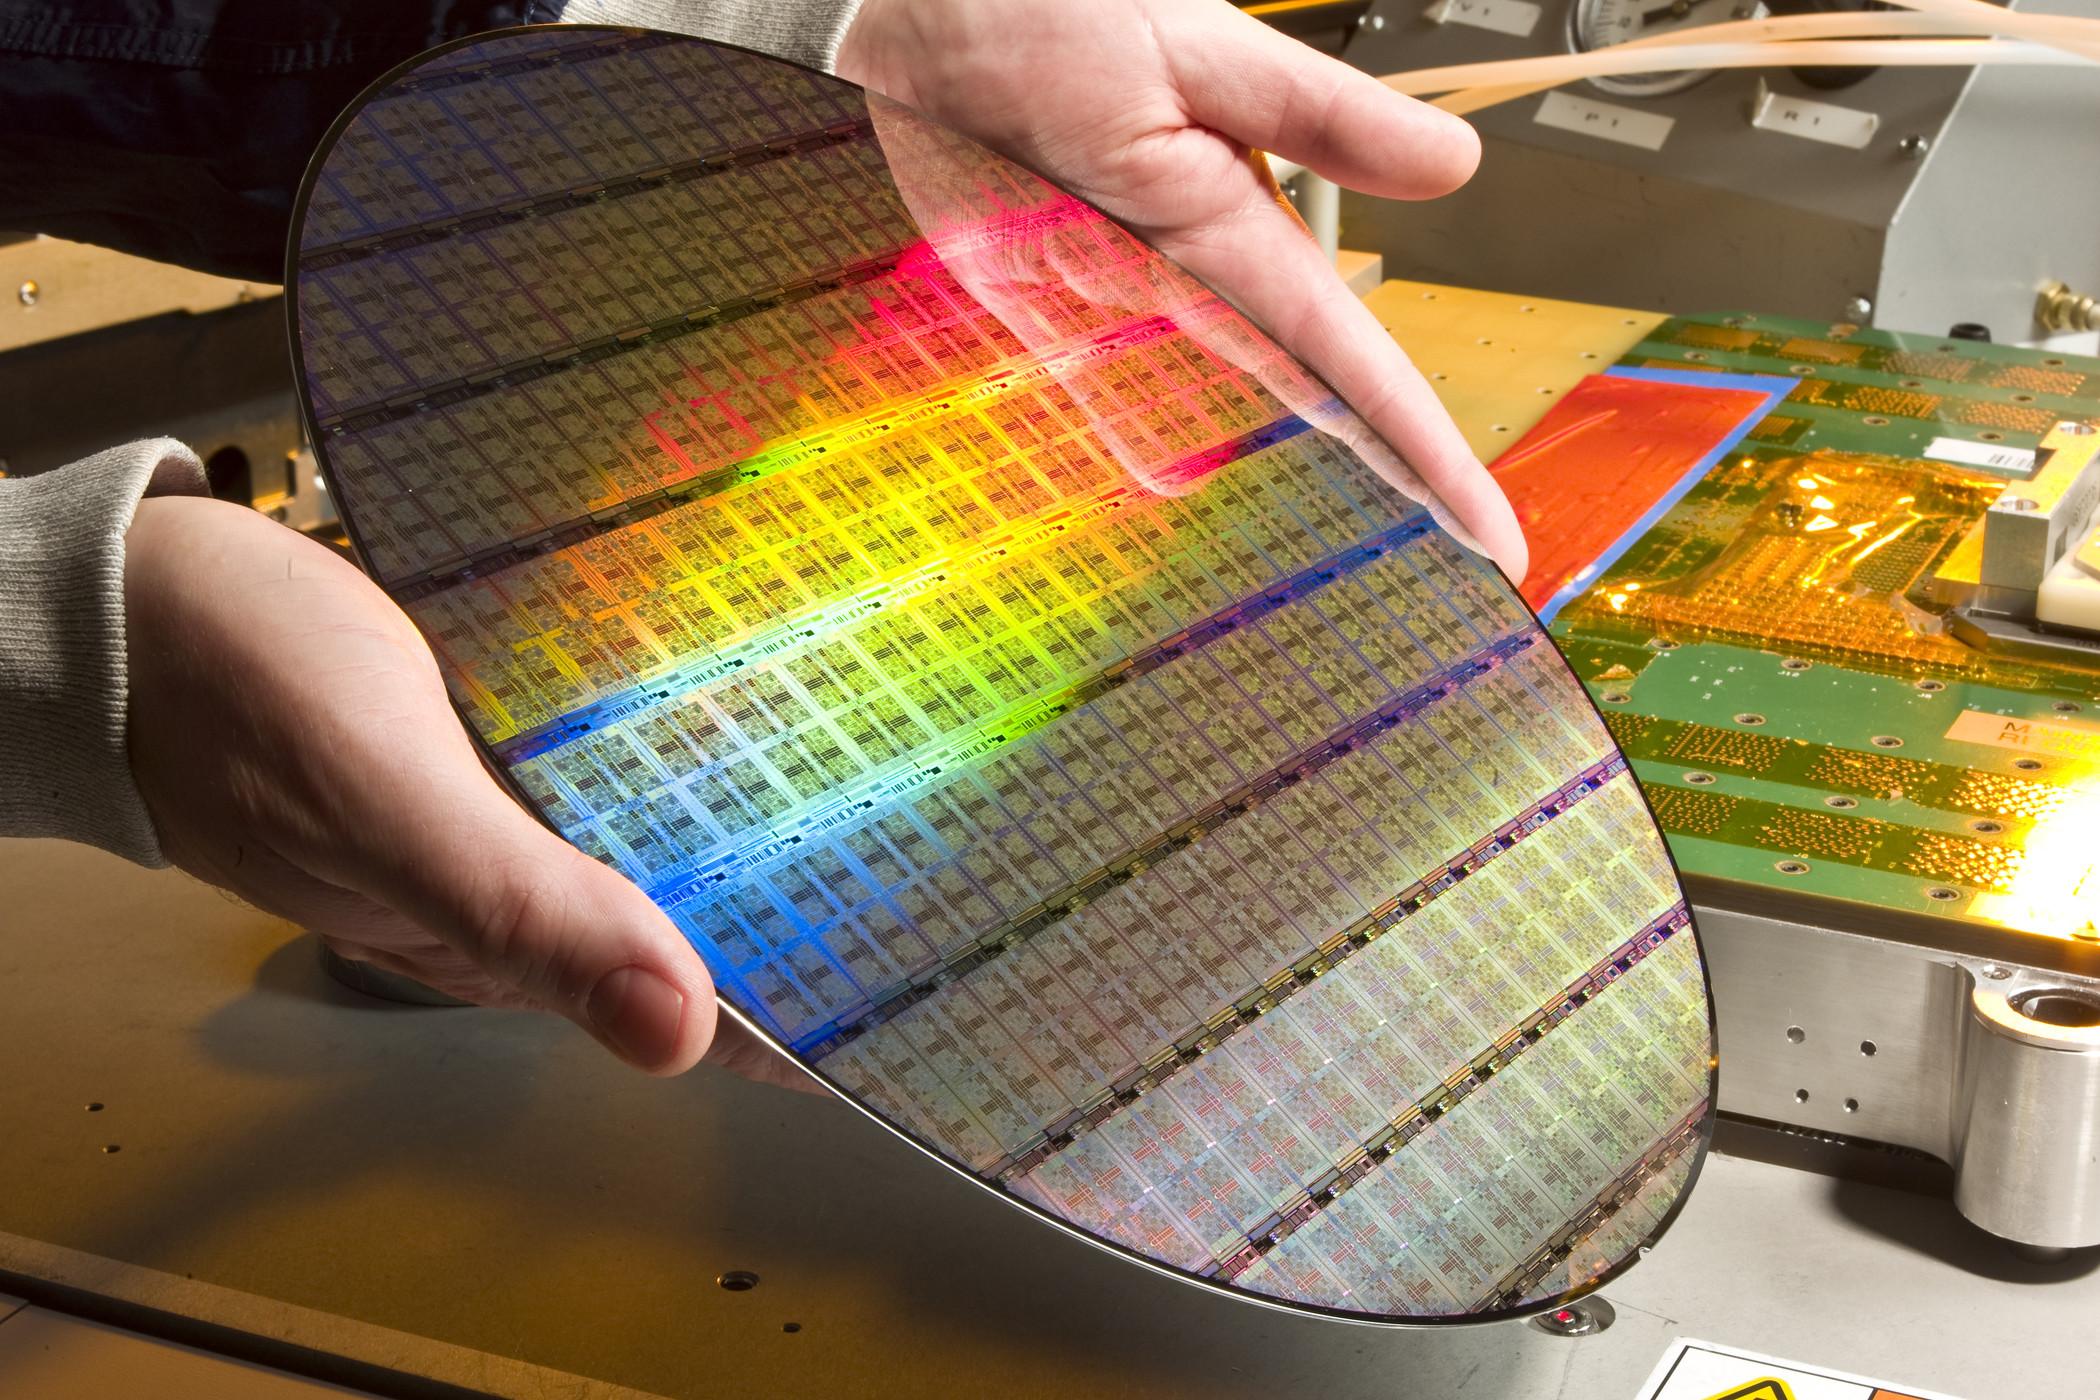 这家晶圆厂准备在我国建设芯片代工厂